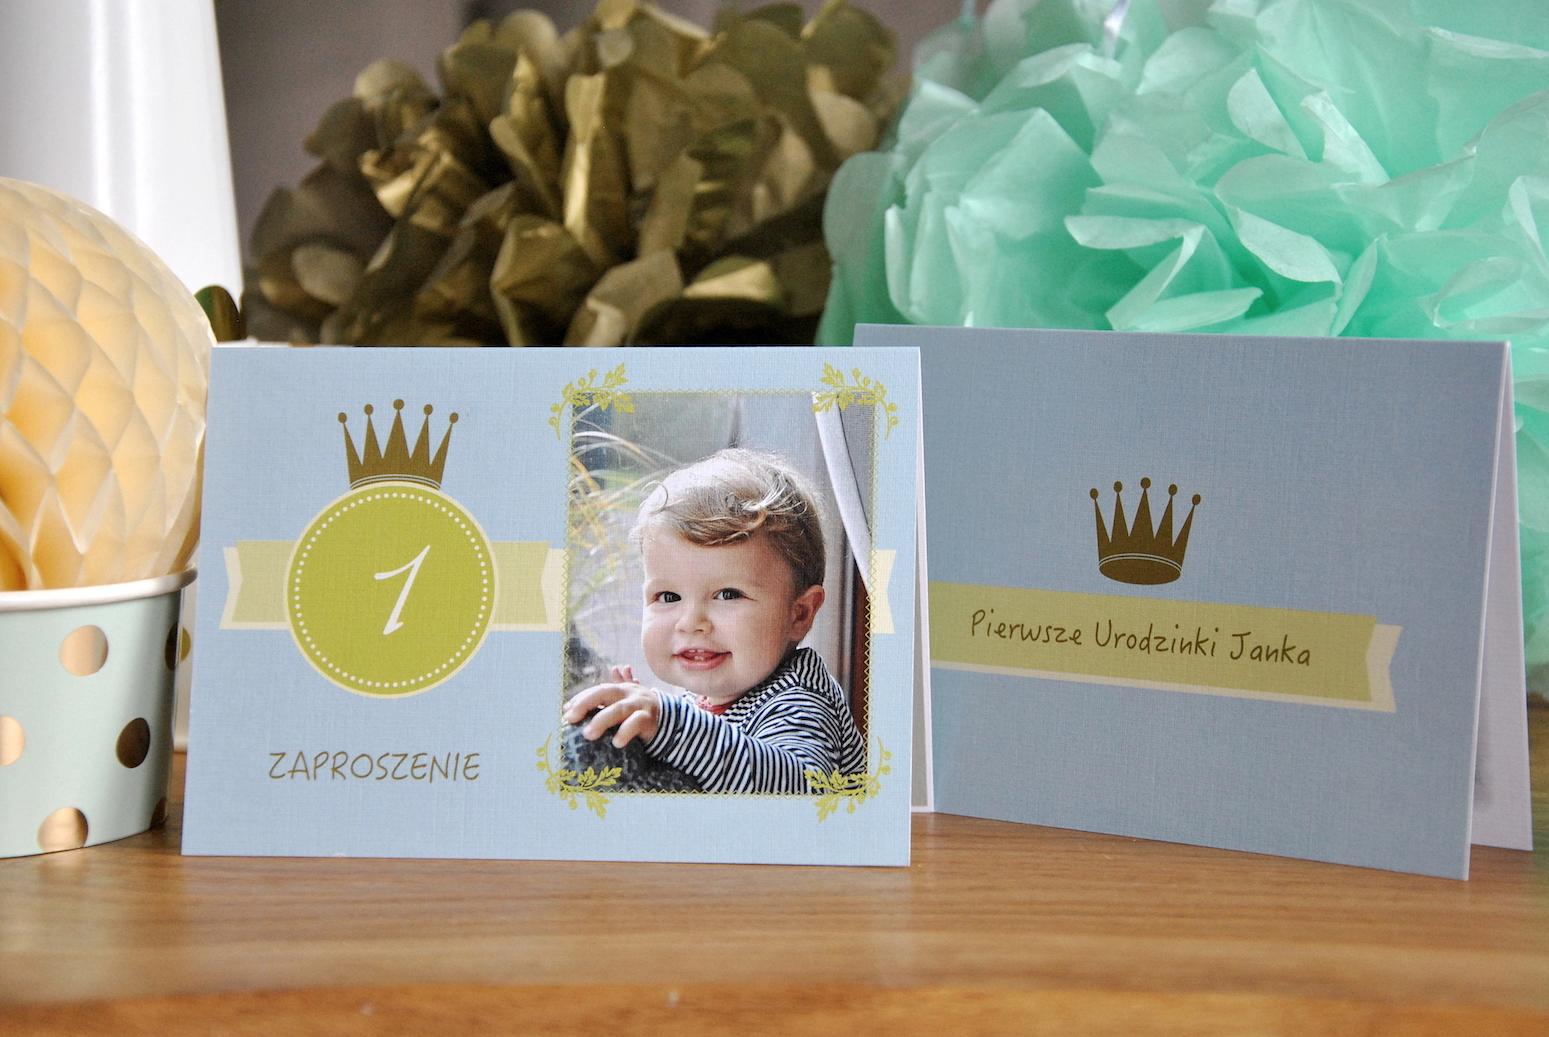 zaproszenie pierwsze urodziny